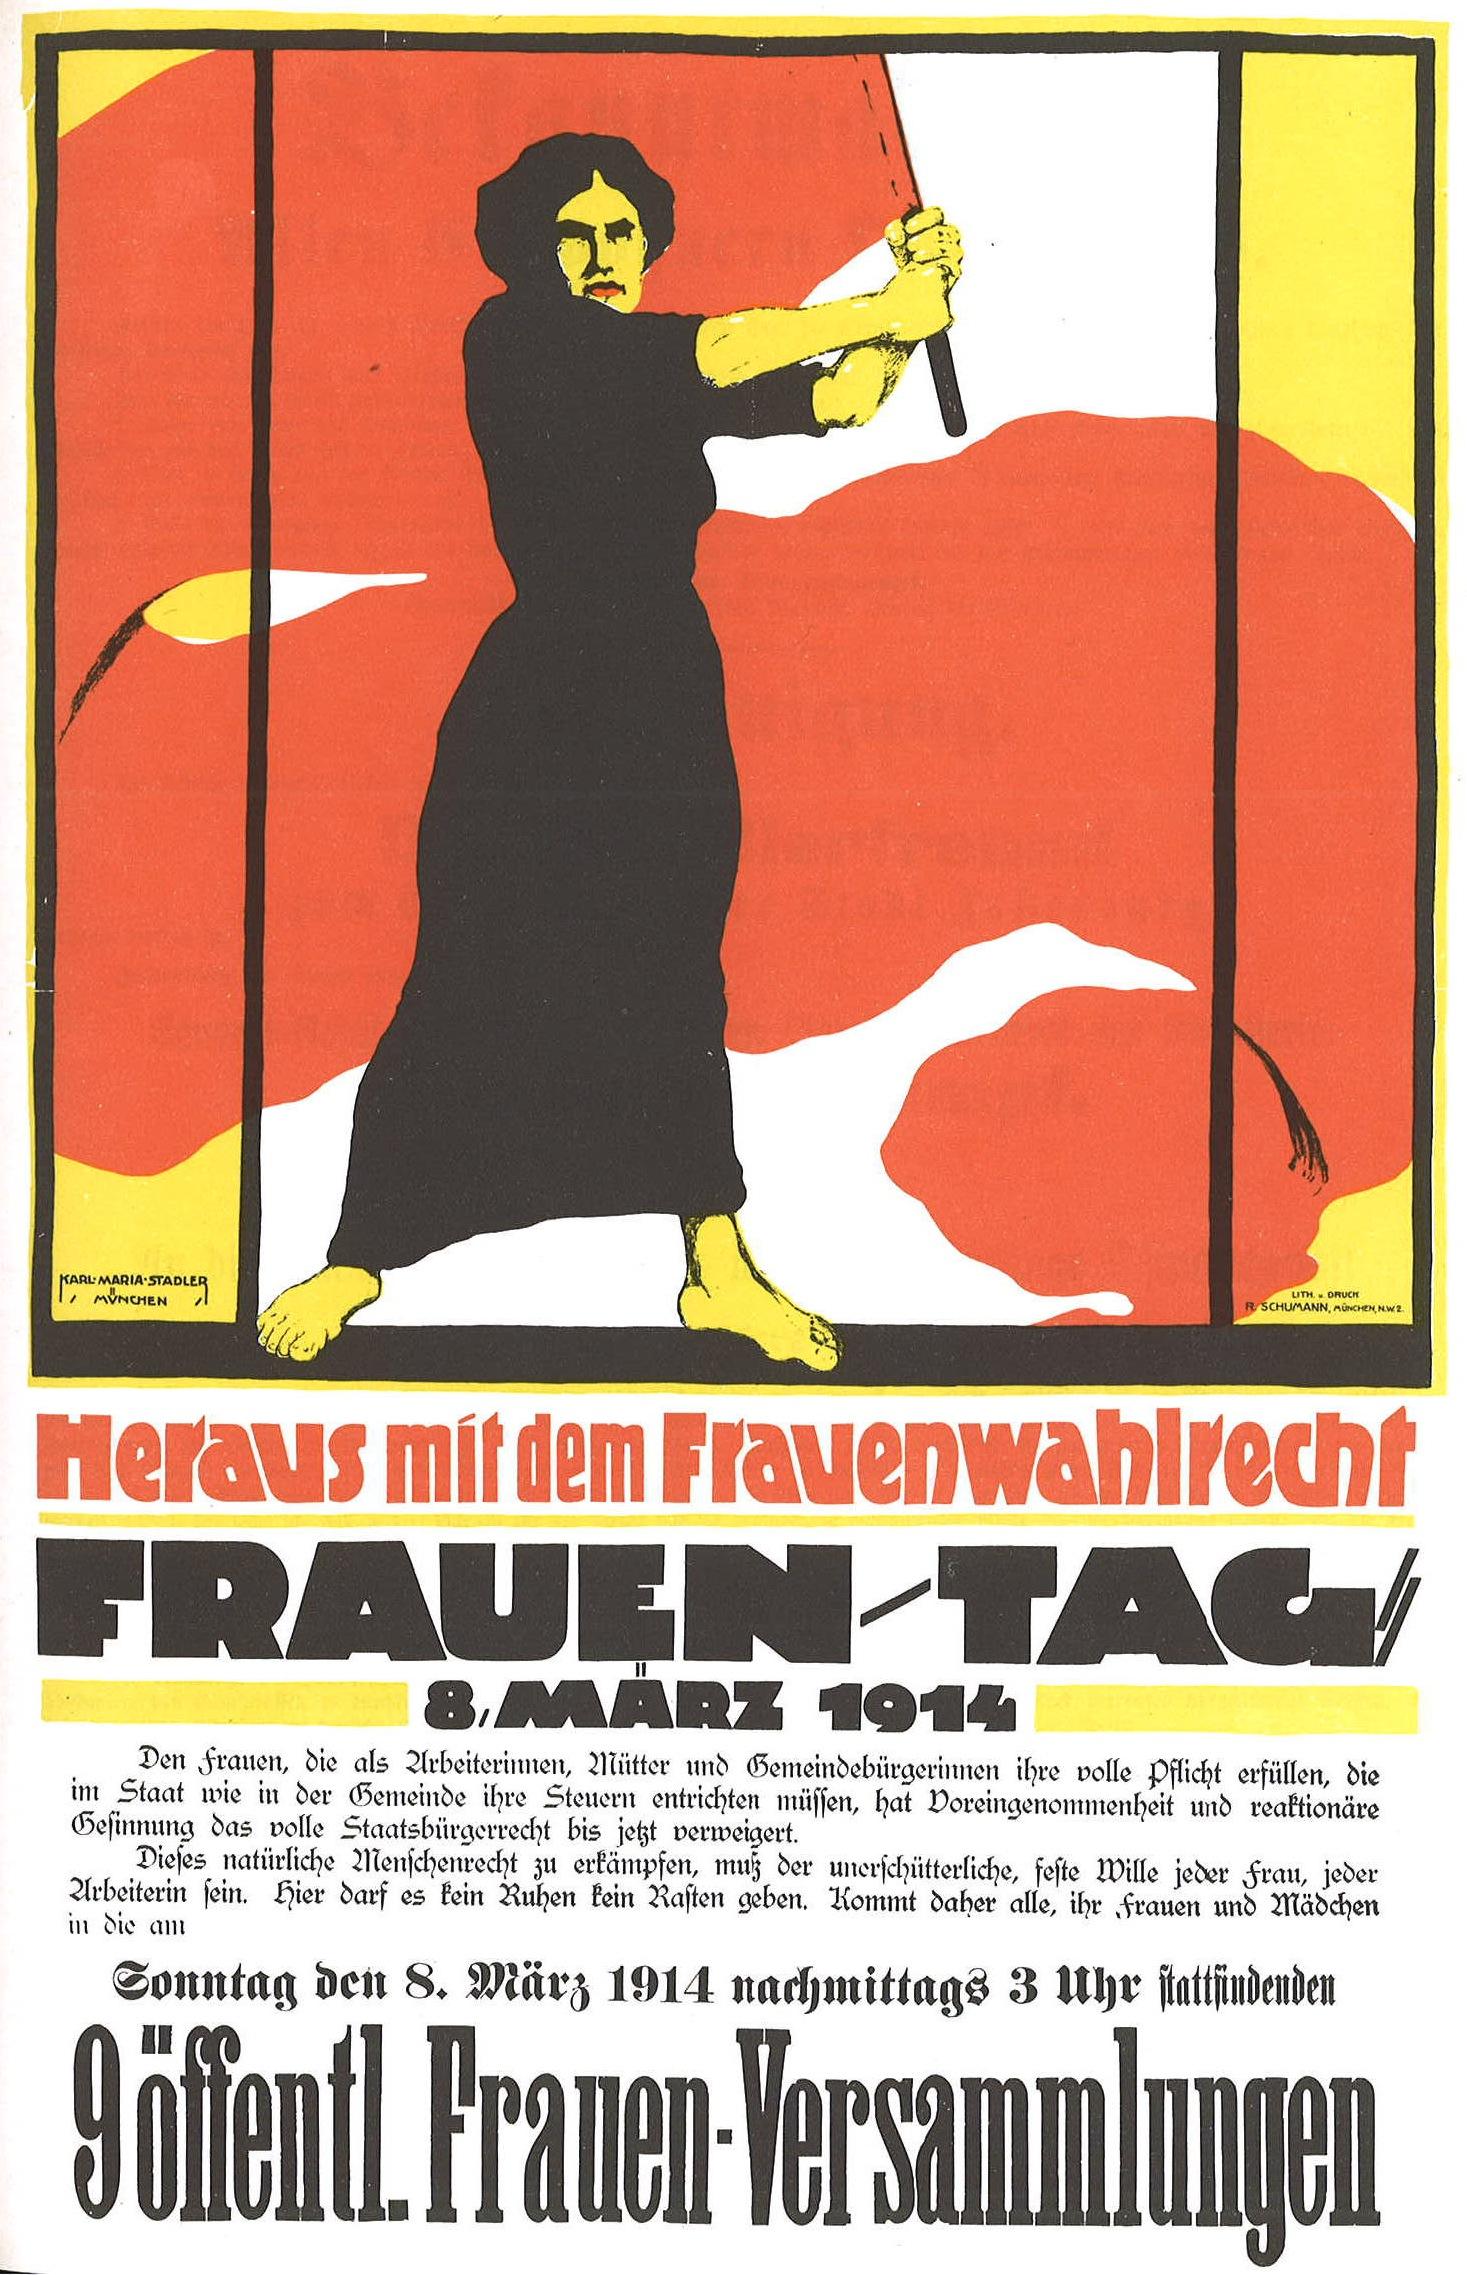 Frauentag_1914_Heraus_mit_dem_Frauenwahlrecht